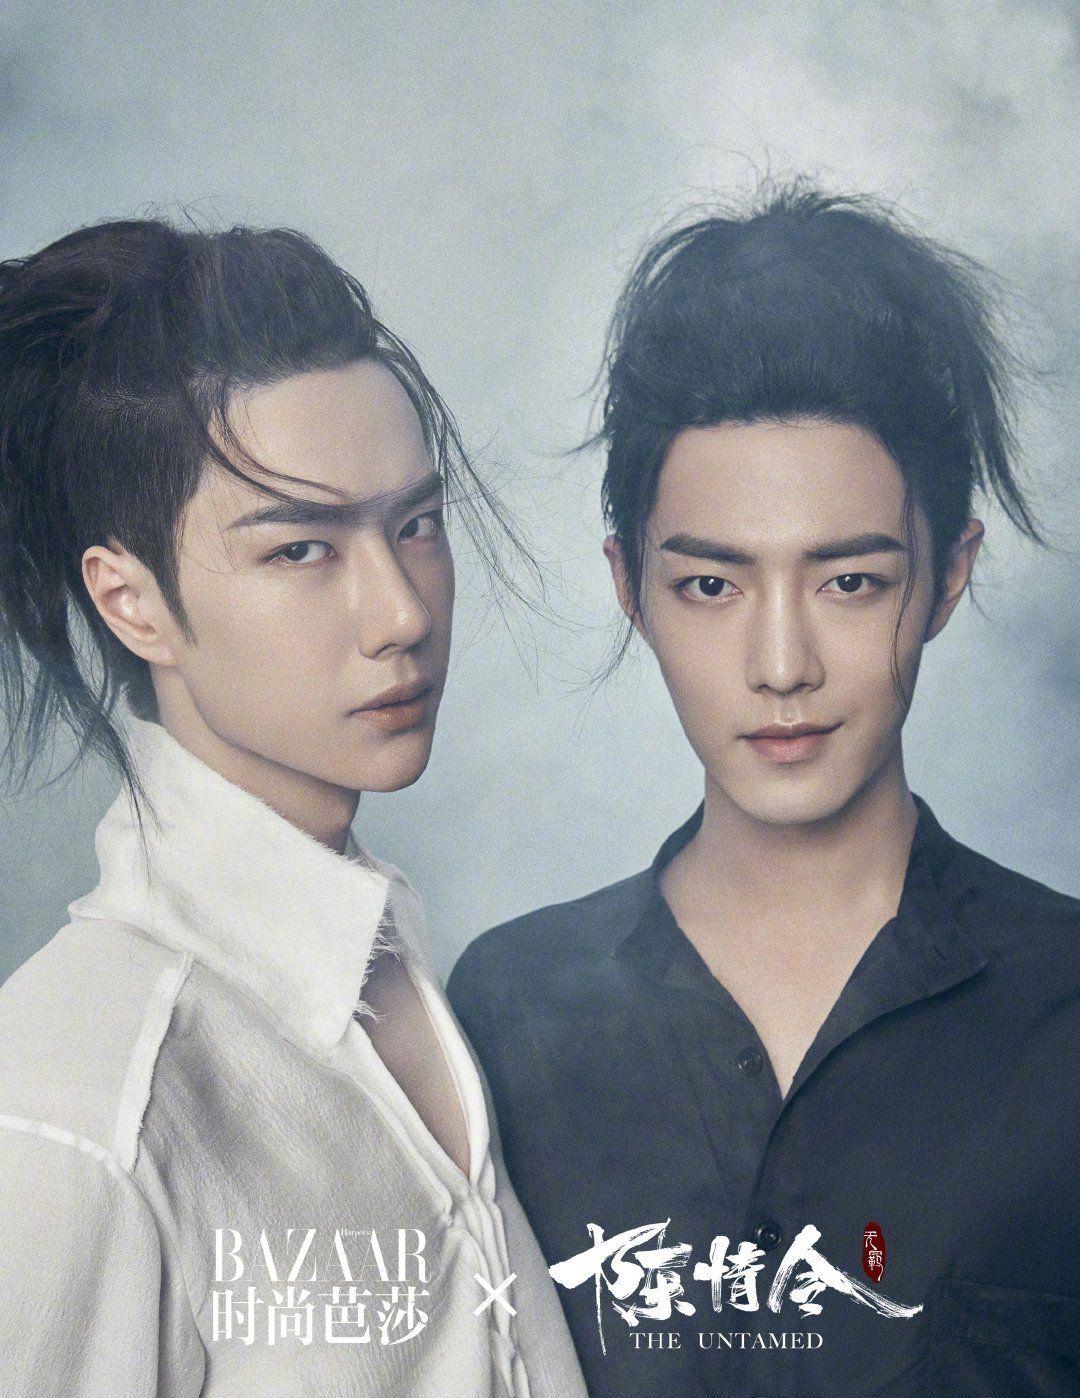 Xiao Zhan, Wang Yibo in The Untamed shoot part 2 Untamed